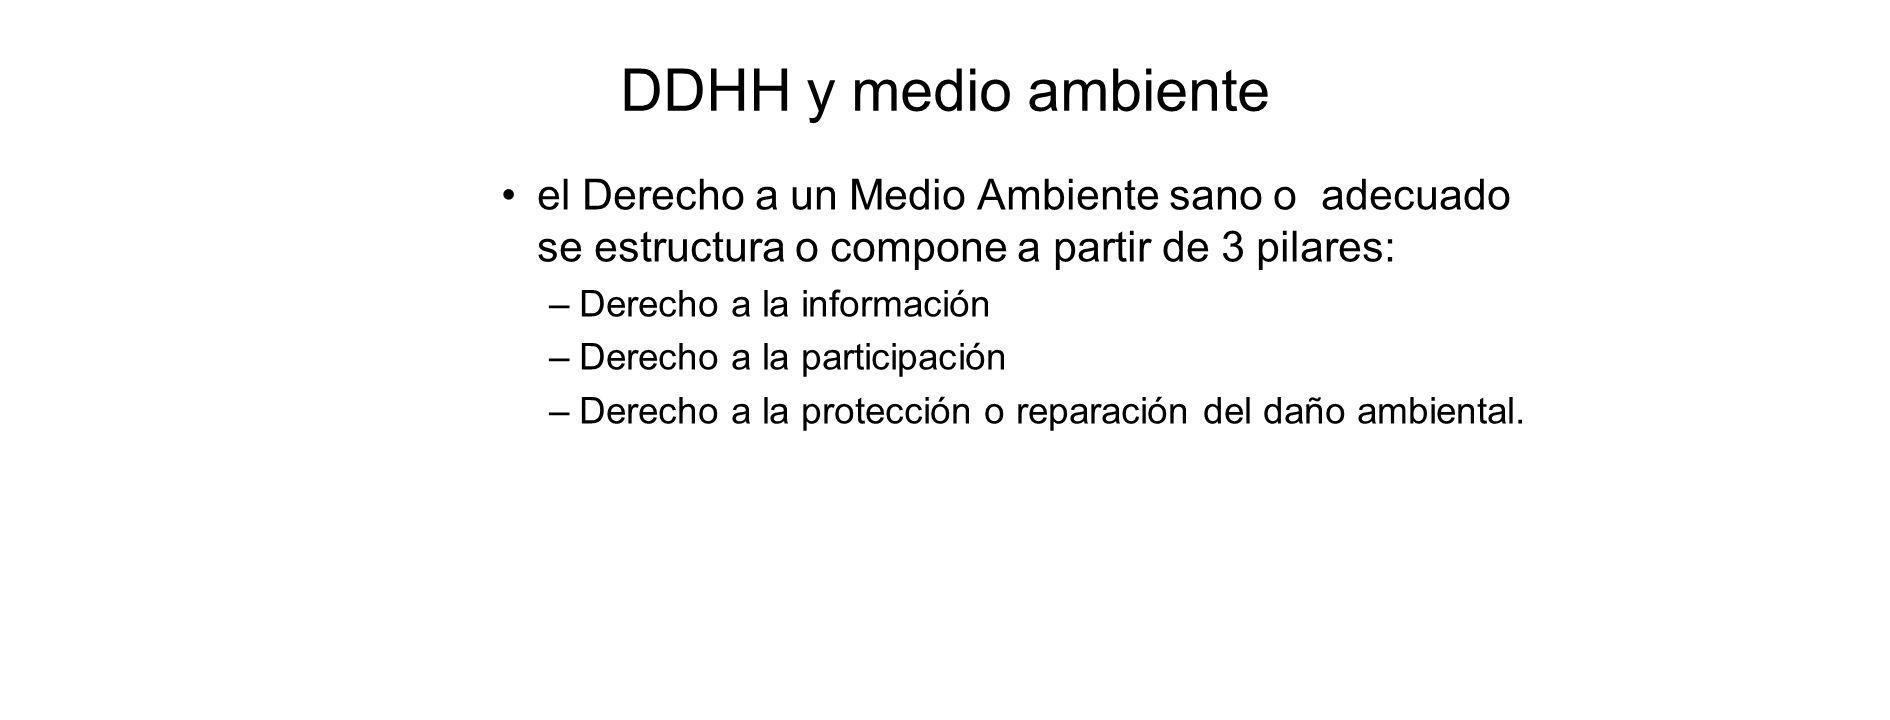 DDHH y medio ambiente el Derecho a un Medio Ambiente sano o adecuado se estructura o compone a partir de 3 pilares: –Derecho a la información –Derecho a la participación –Derecho a la protección o reparación del daño ambiental.